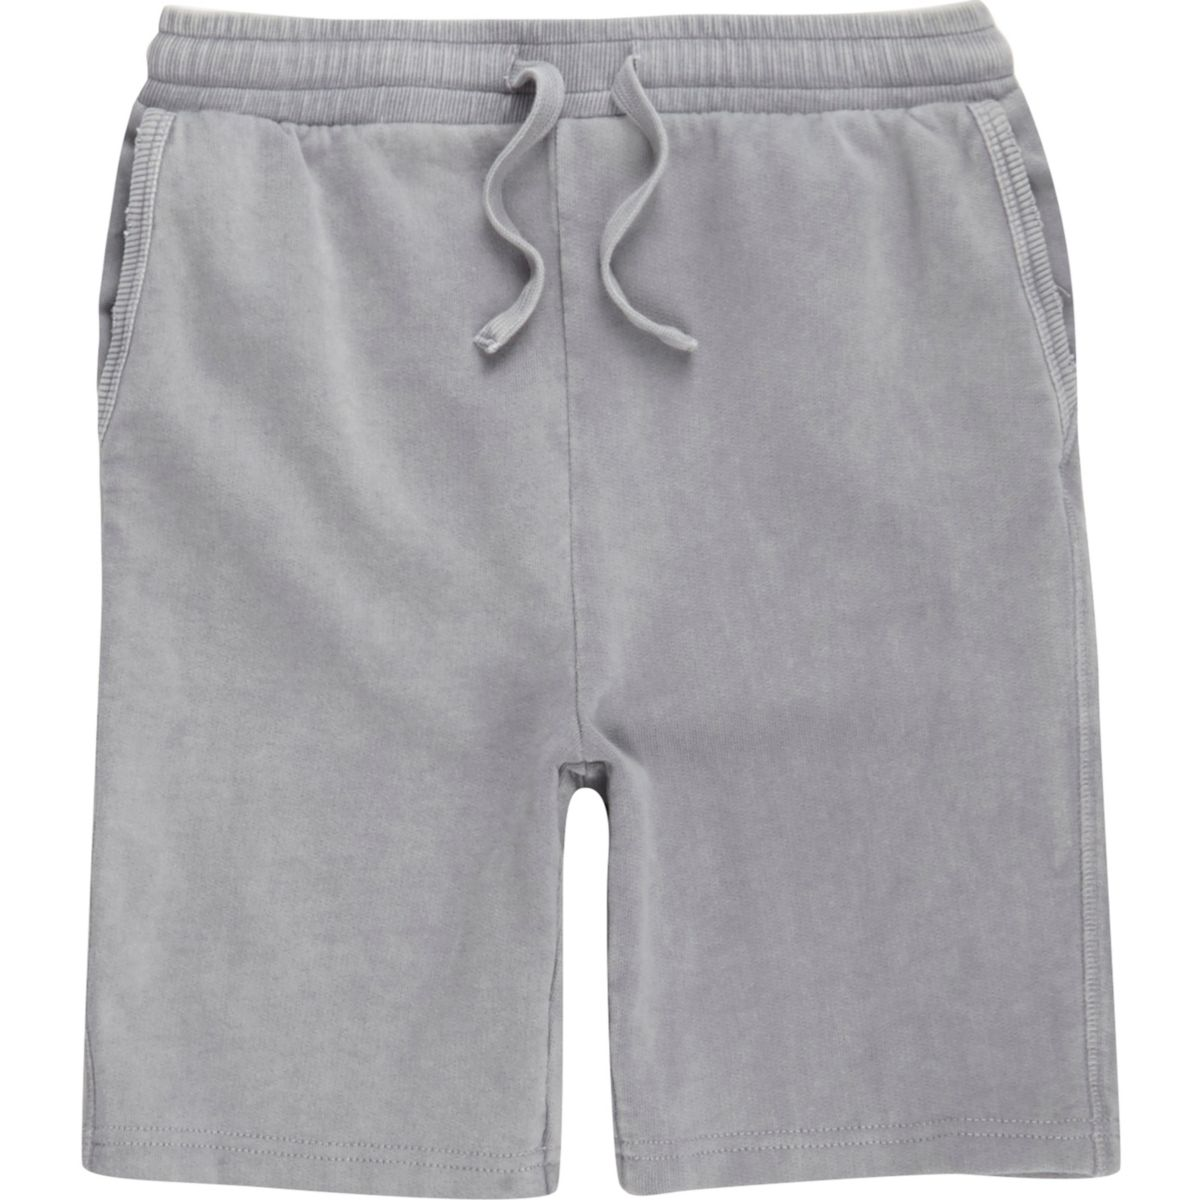 Short en jersey gris délavé pour garçon